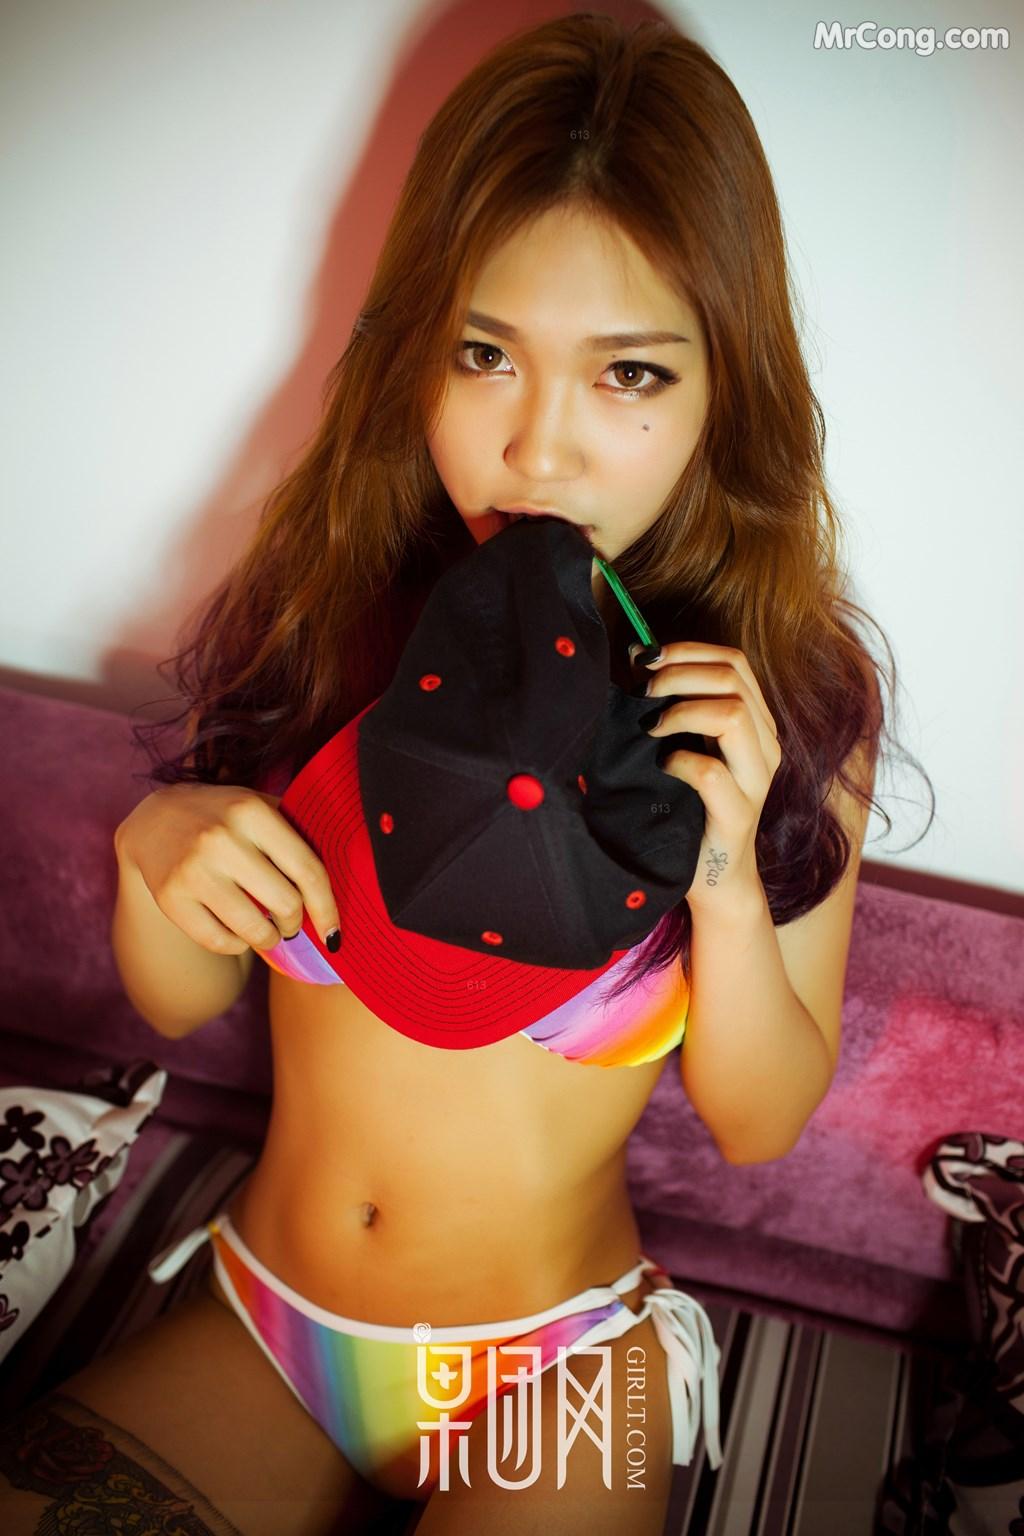 Image GIRLT-2017-07-31-TG.023-Moyu-Shi-MrCong.com-008 in post GIRLT 2017-07-31 TG.023: Người mẫu Moyu Shi (墨鱼诗) (109 ảnh)